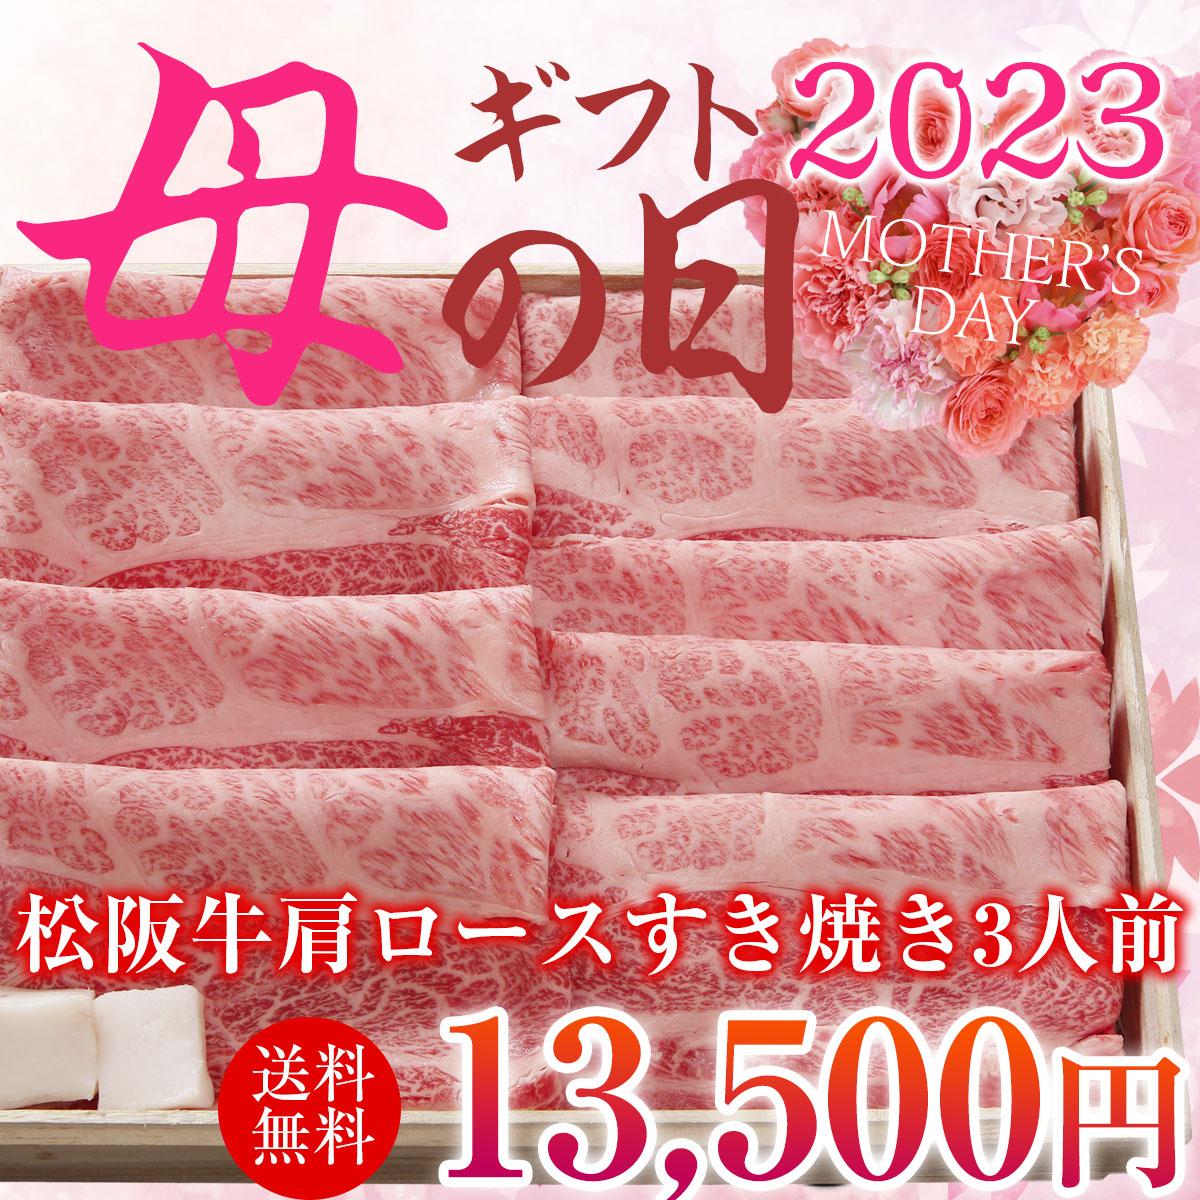 【母の日】松阪牛 肩ロース すき焼き用300g